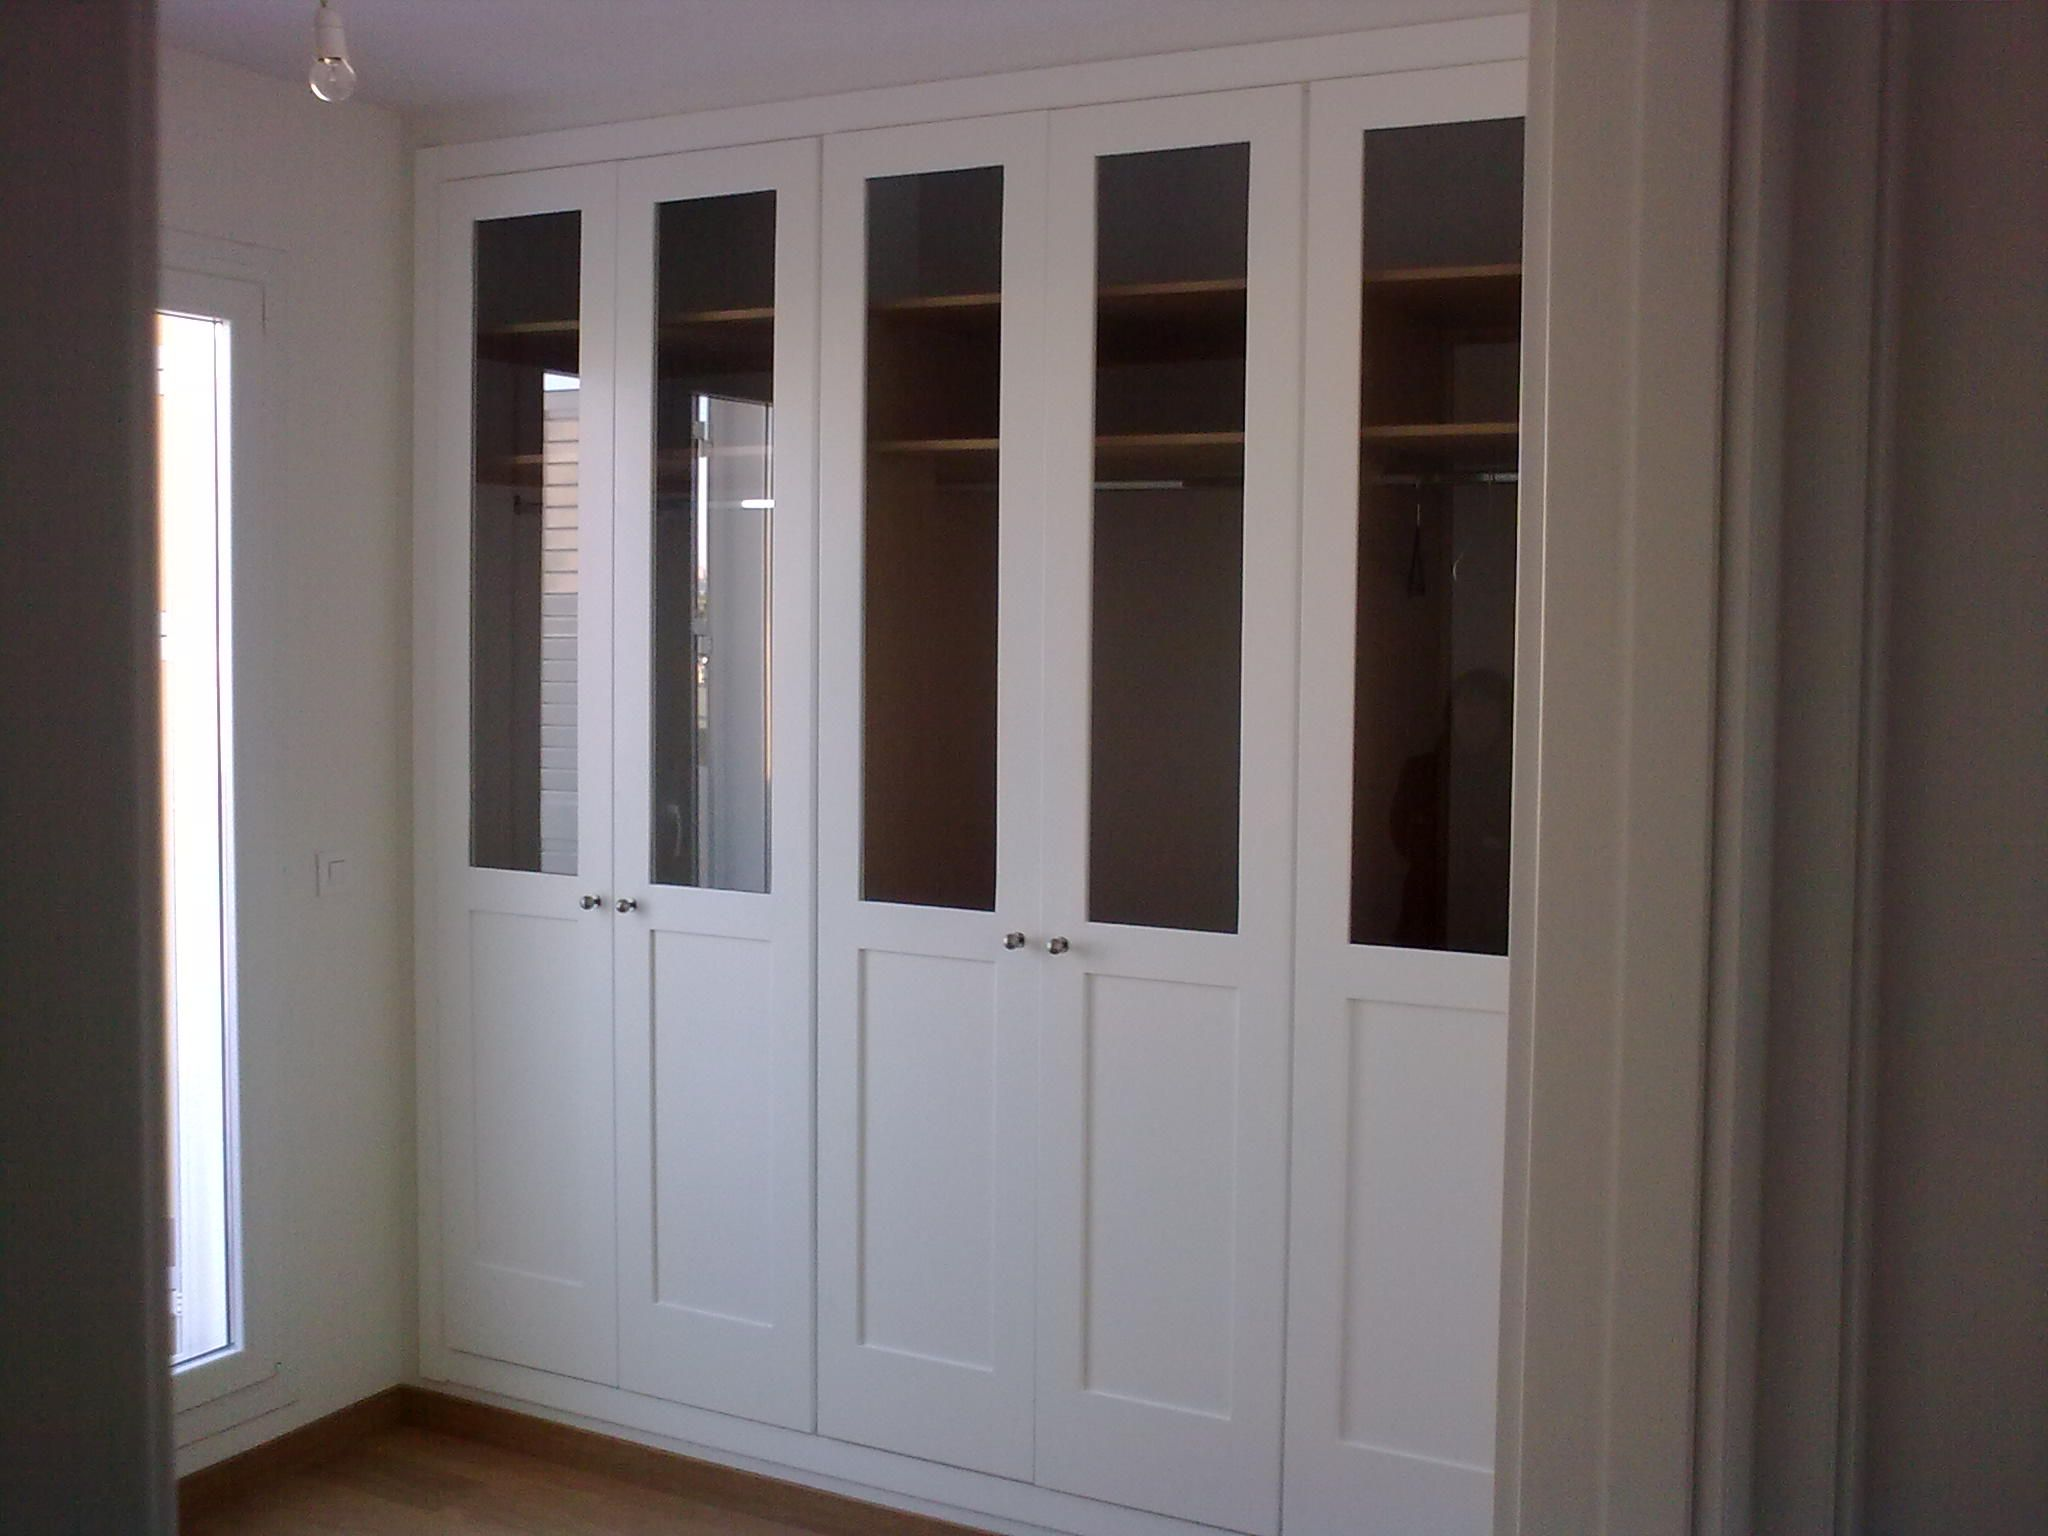 Armario de cazoleta con cristal armarios de puertas - Armarios con puertas abatibles ...